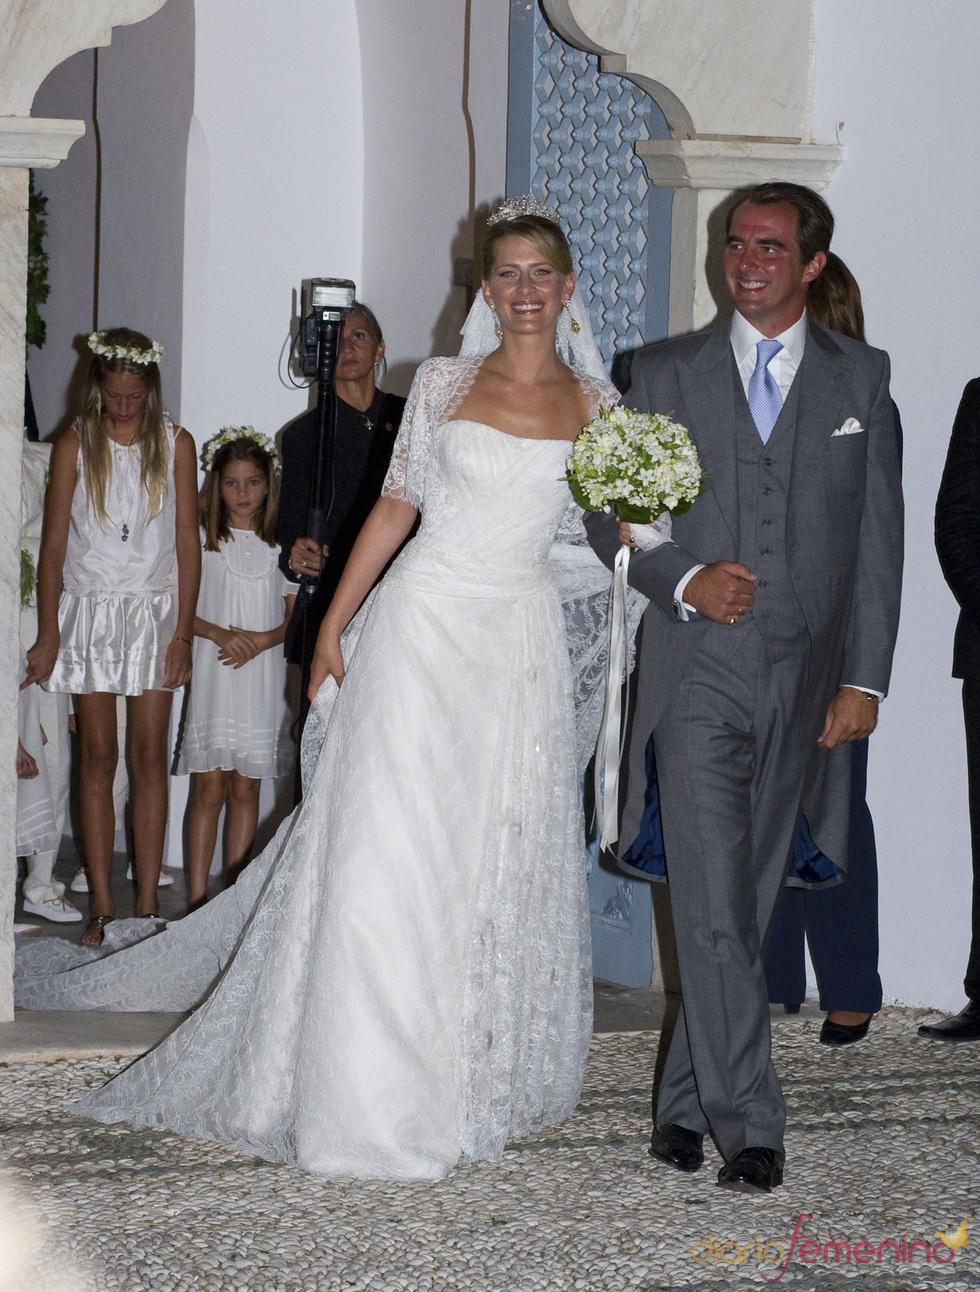 La boda real griega de Nicolás de Grecia y Tatiana Blatnik